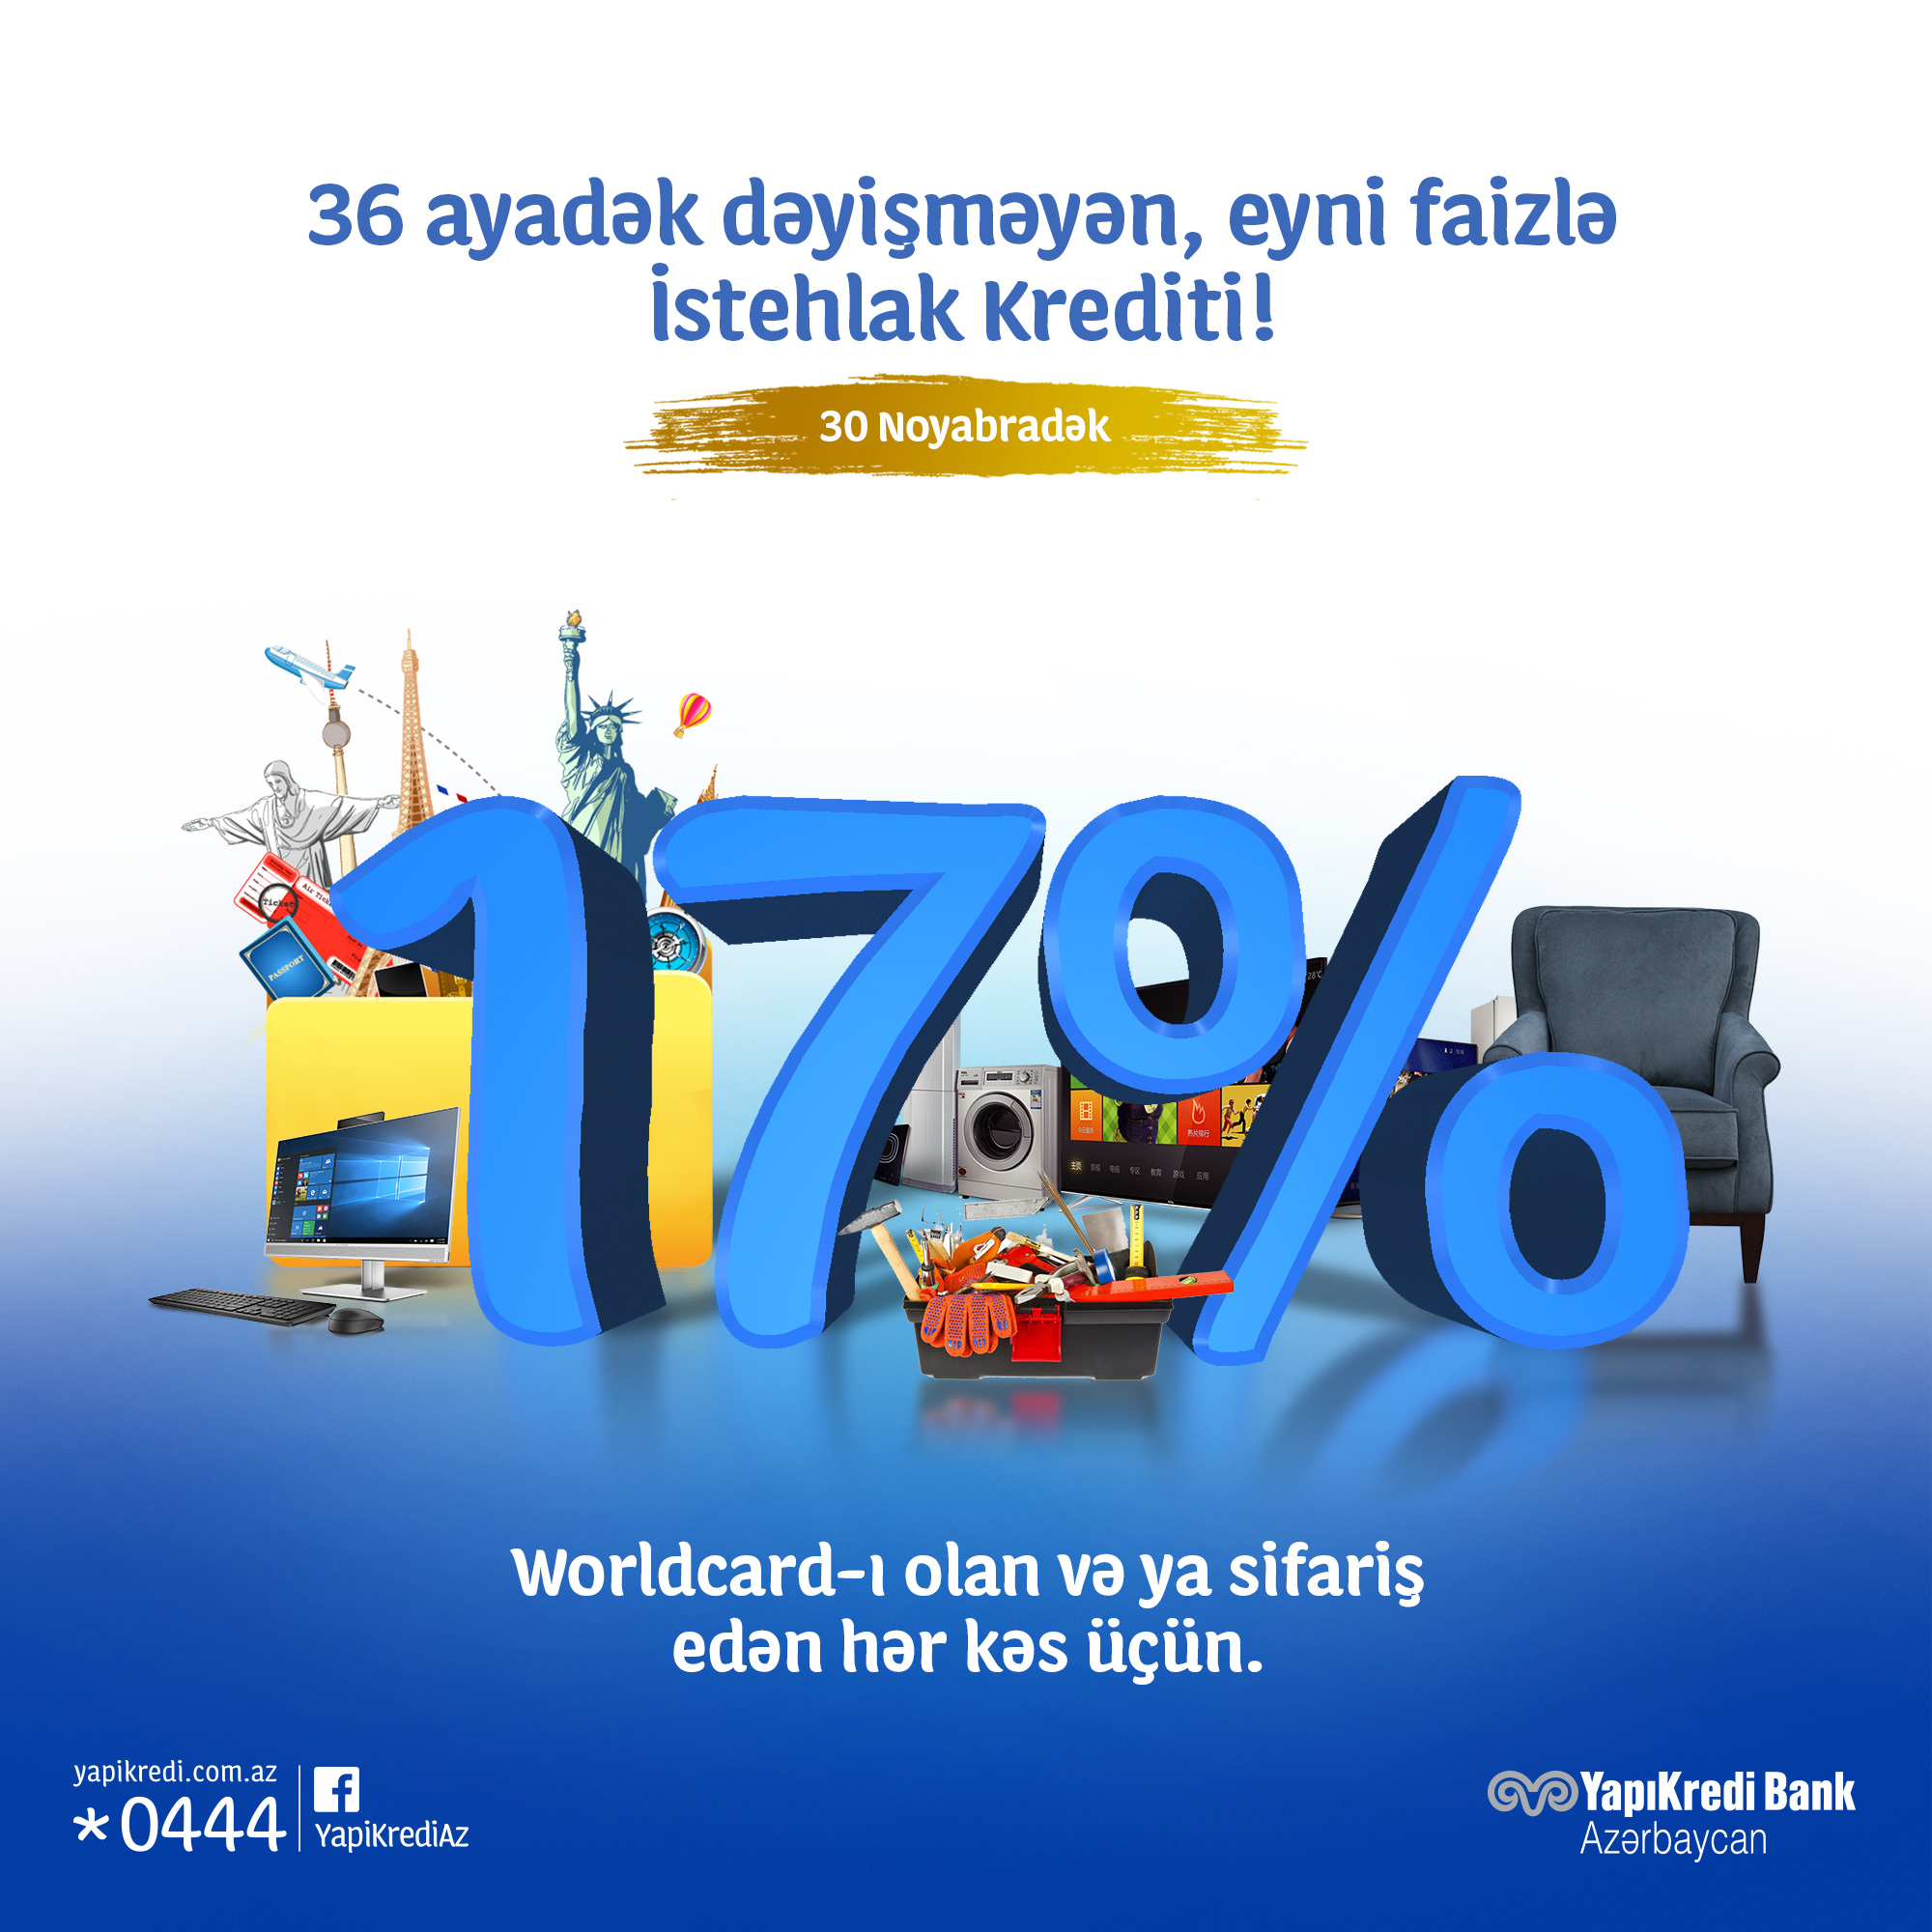 Yapı Kredi Bank Azərbaycan yeni kampaniyaya start verir! ⠀